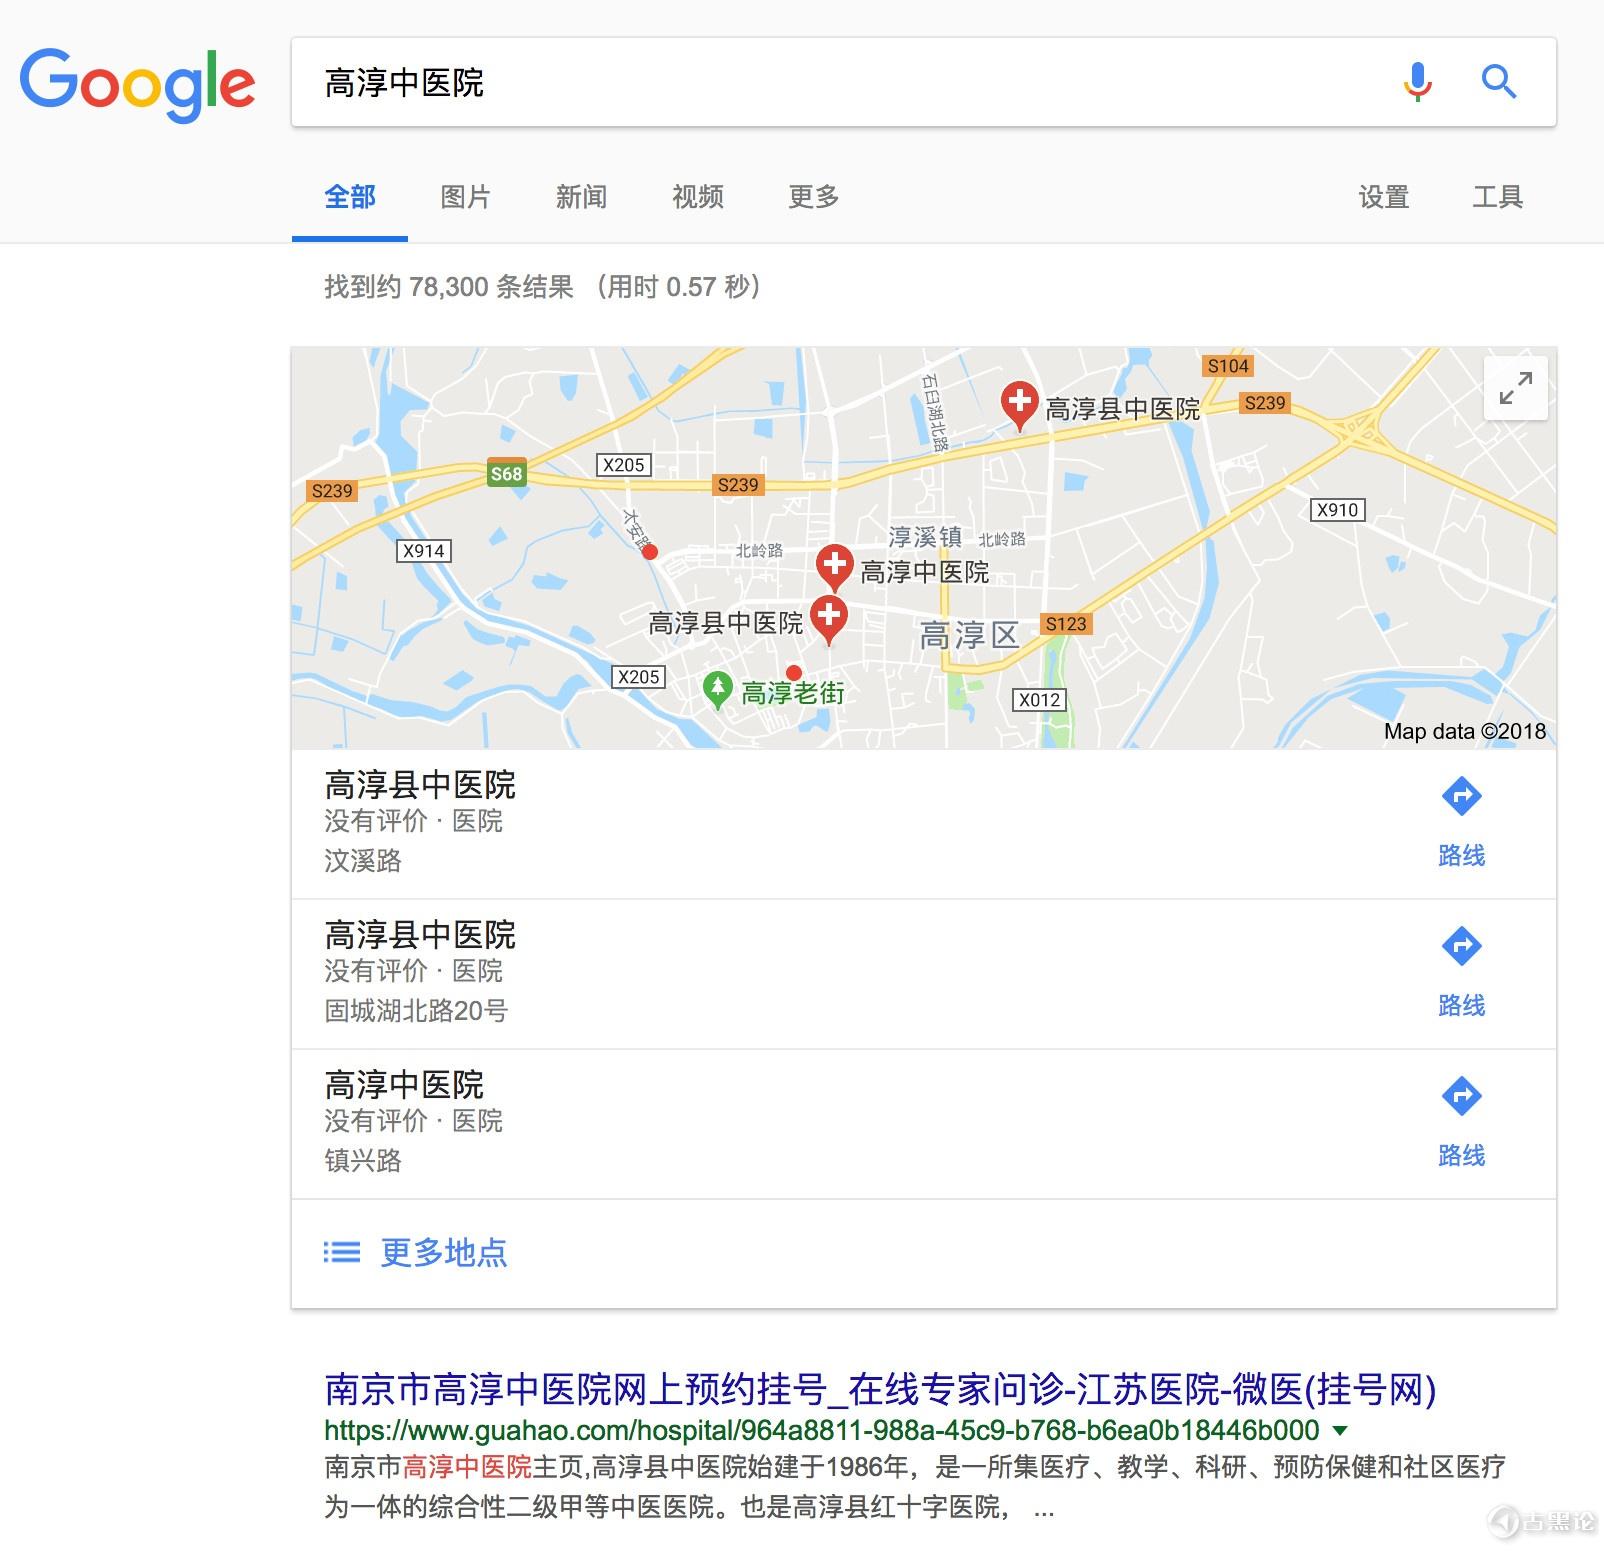 百度医疗广告又来了! 5-高淳中医院.jpg